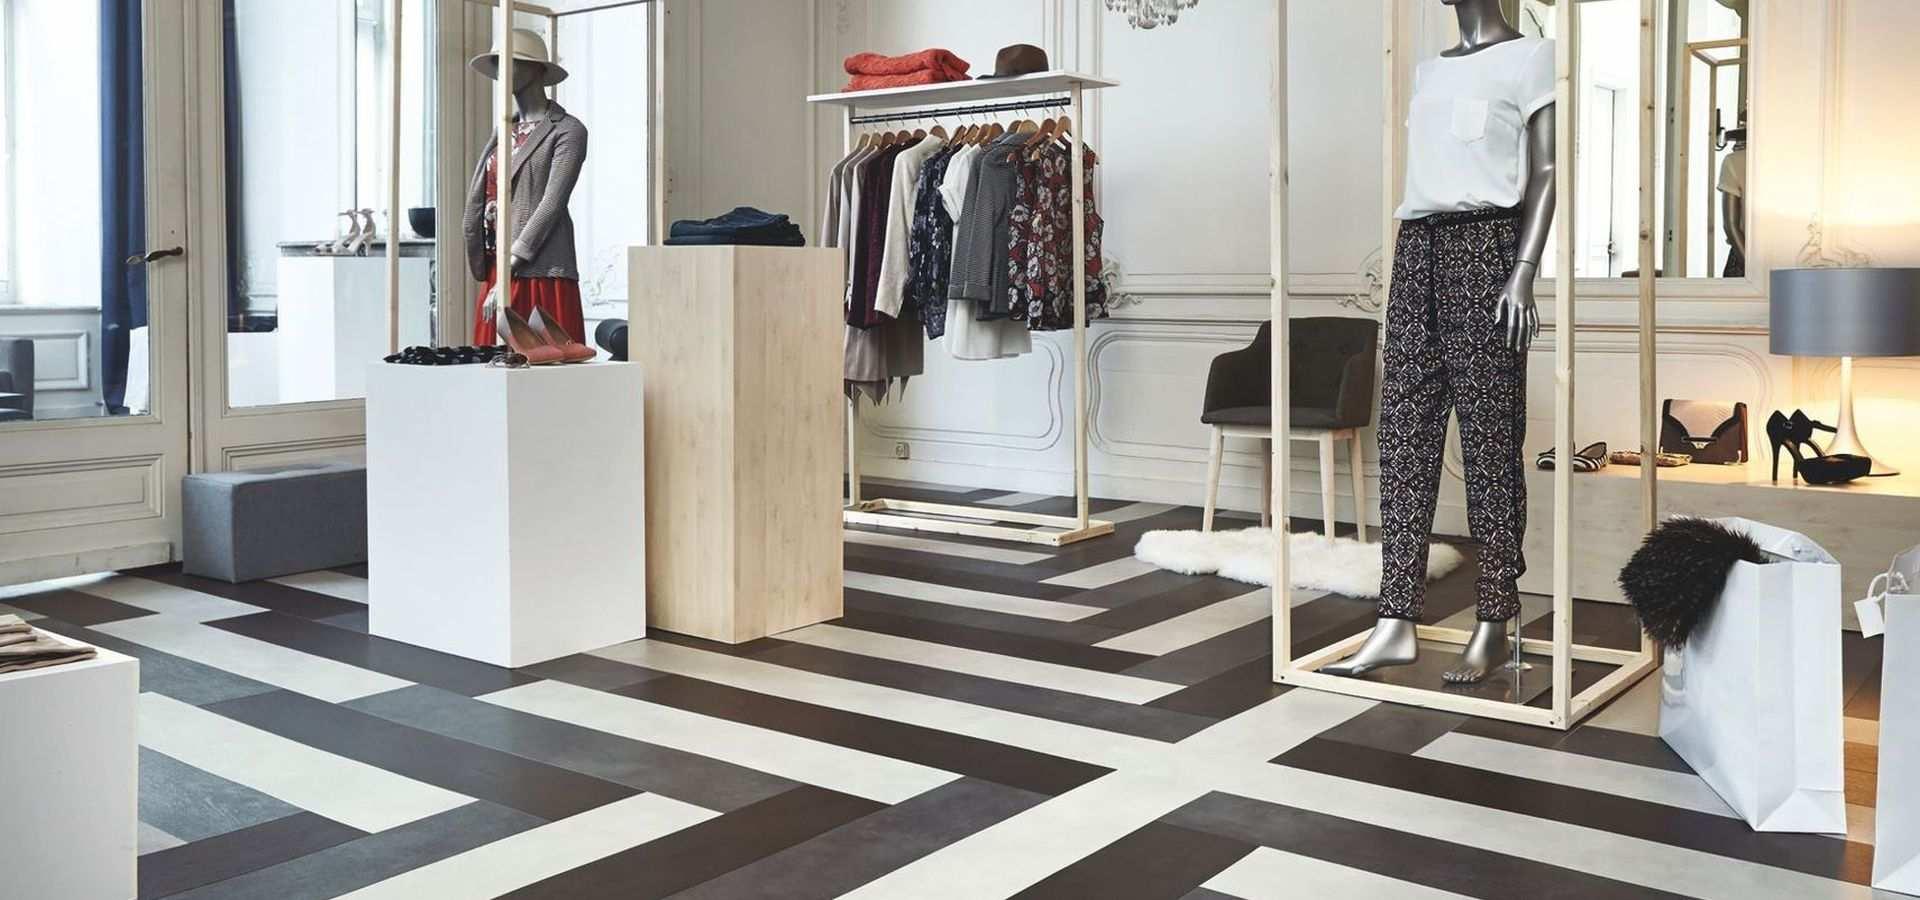 Bild: Verkaufsraum mit schwarz-weiß Boden